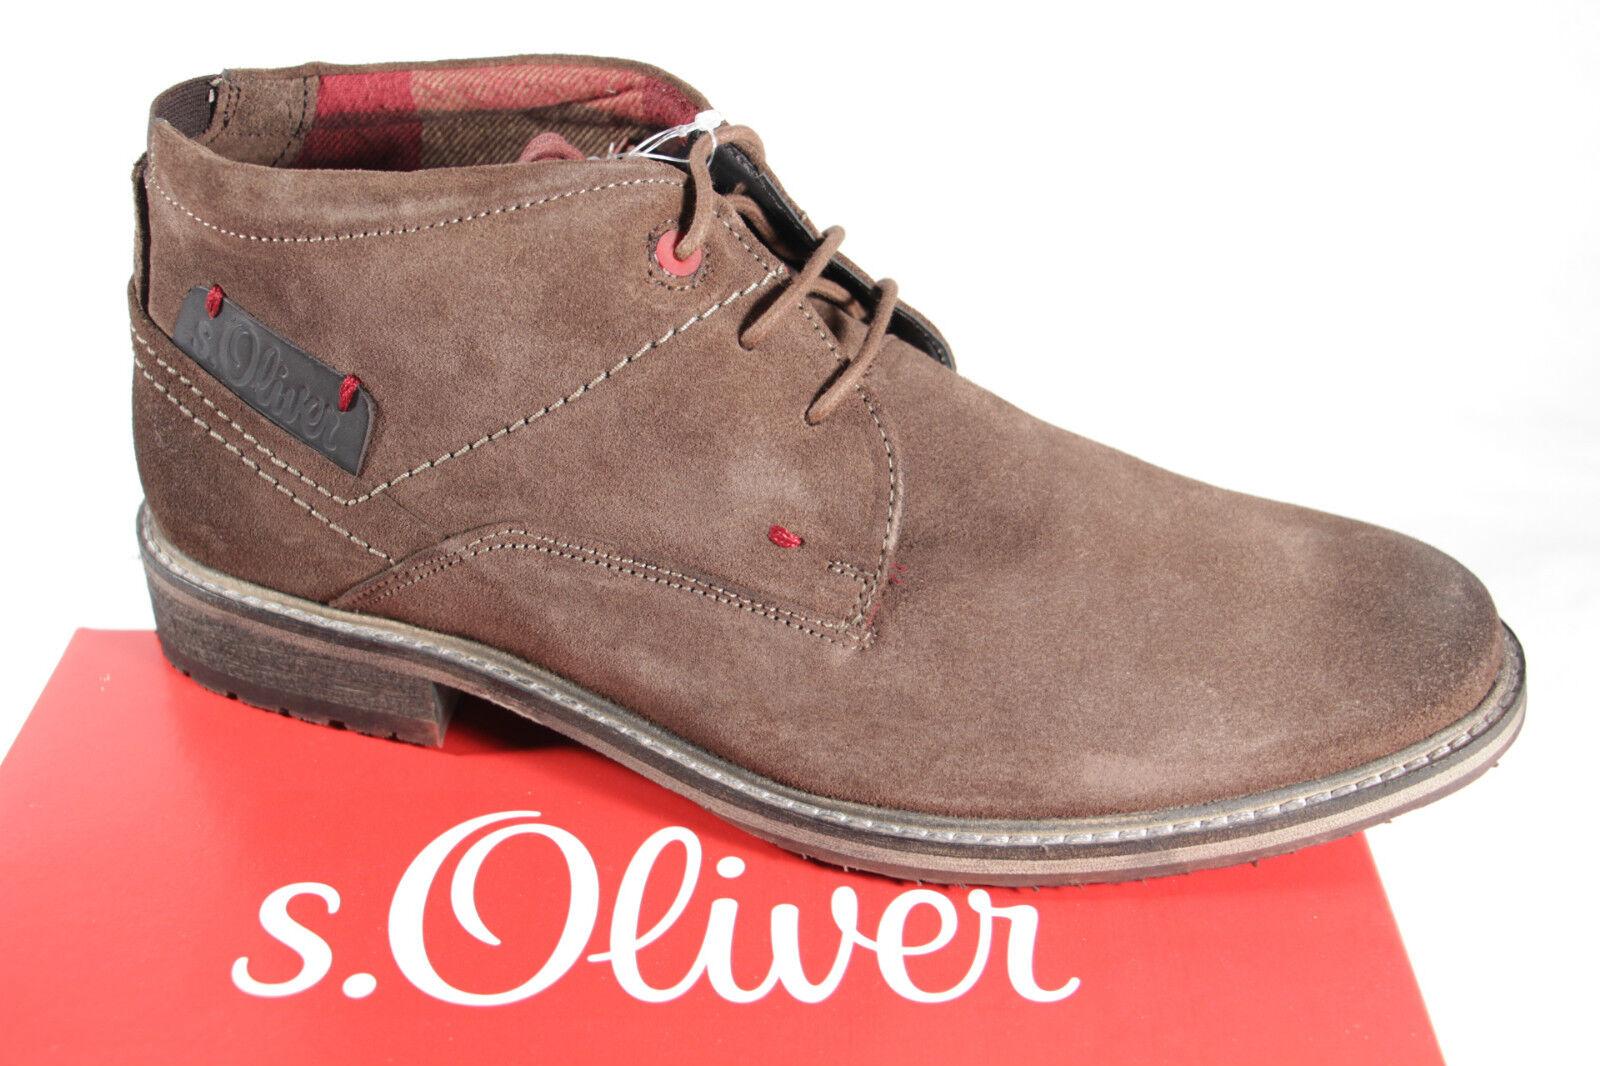 S. Oliver Oliver S. ata, marrón, Karo forraje, pu-suela nuevo 093981